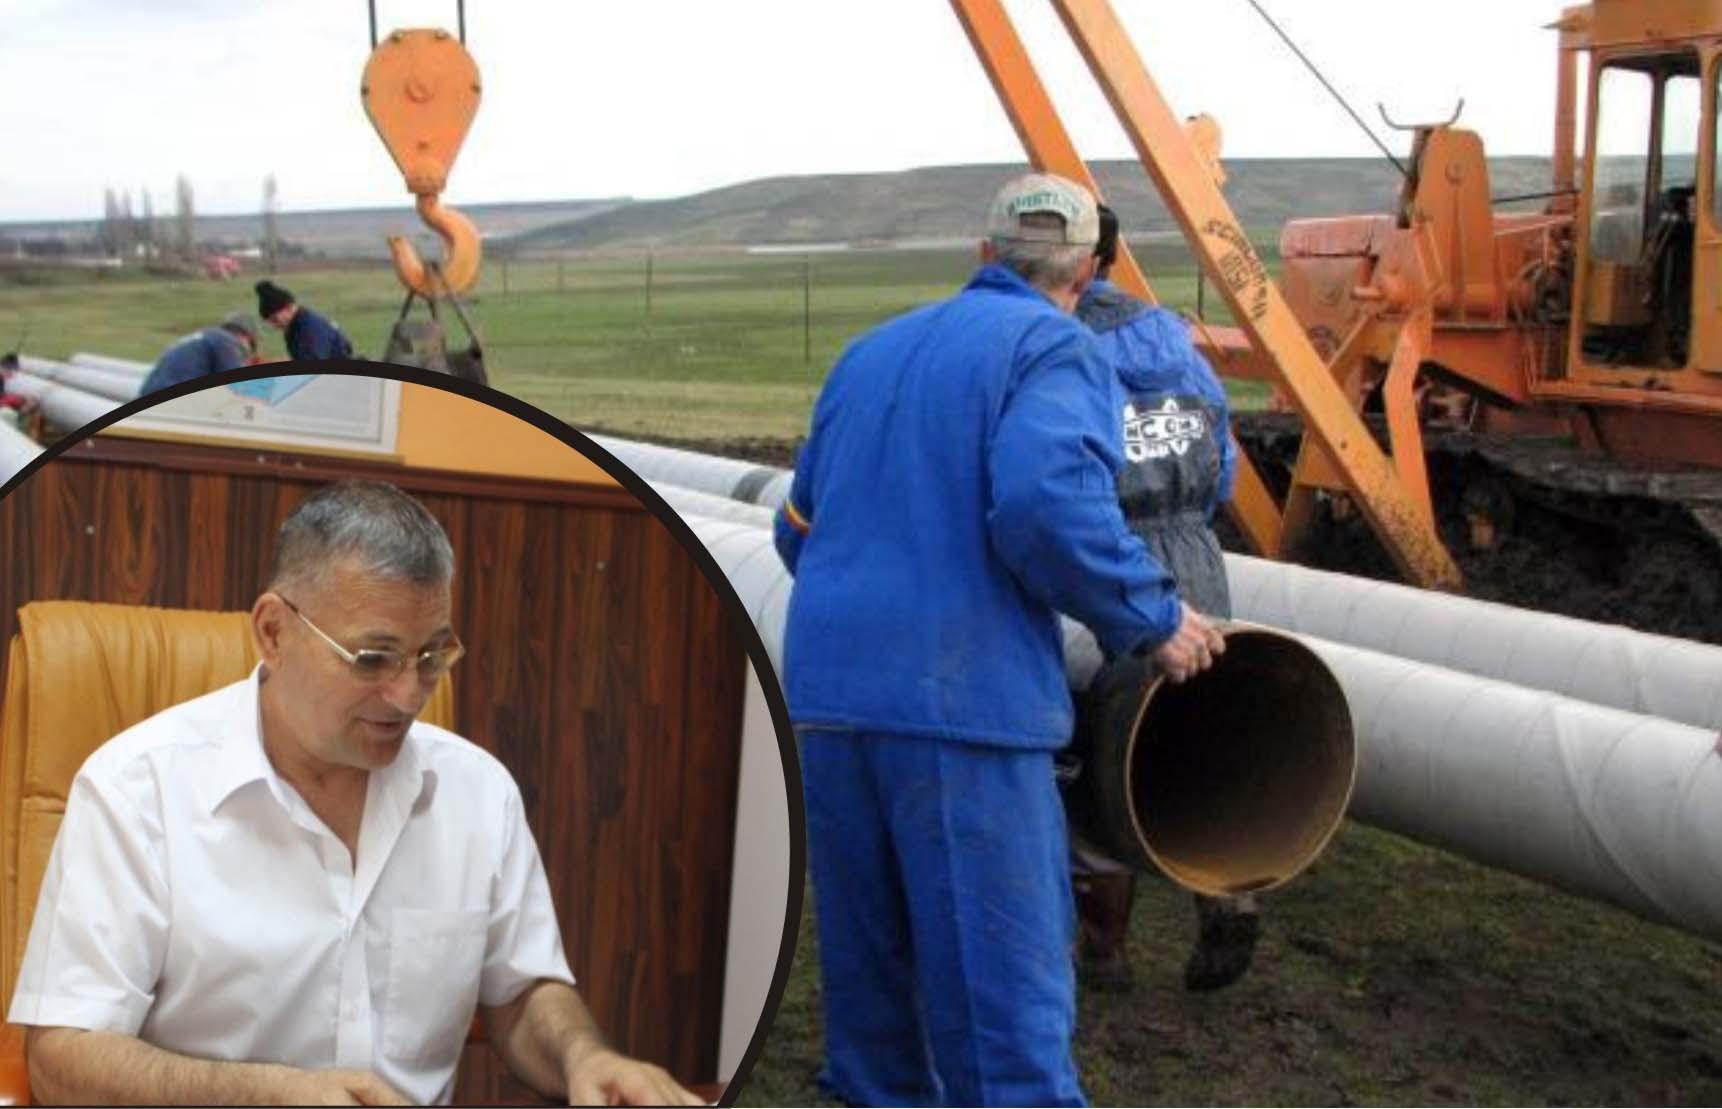 Comuna Poroschia va fi racordată la reţeaua de gaze naturale. Primăria a depus solicitare pentru emiterea acordului de mediu